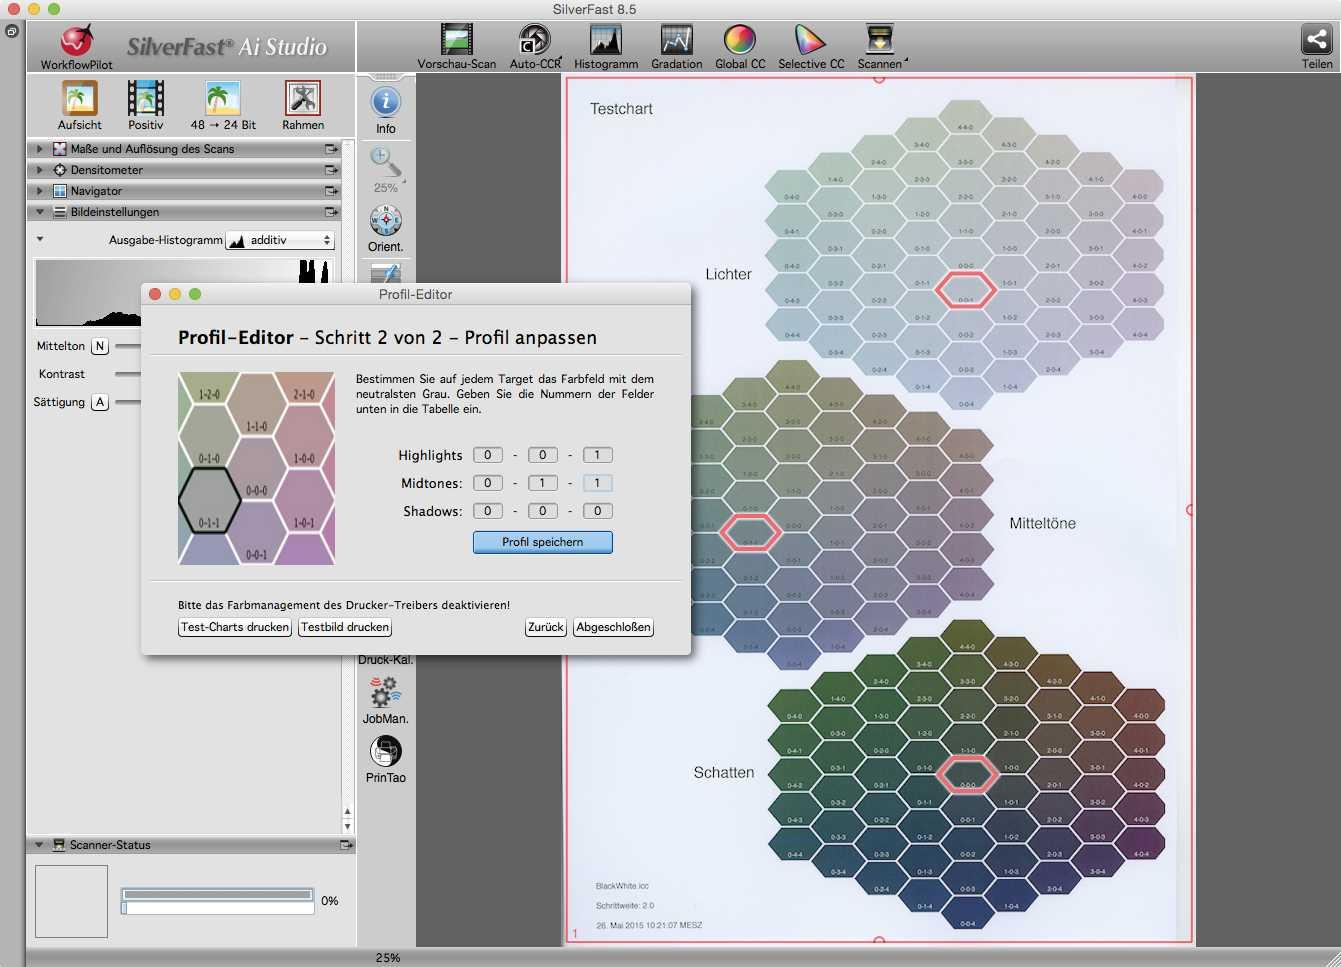 Die Anpassung des Druckerprofils an den persönlichen Geschmack und/oder das Umgebungslicht erfolgt durch die Auswahl bevorzugter Farbfelder aus diesen Musterdrucken.